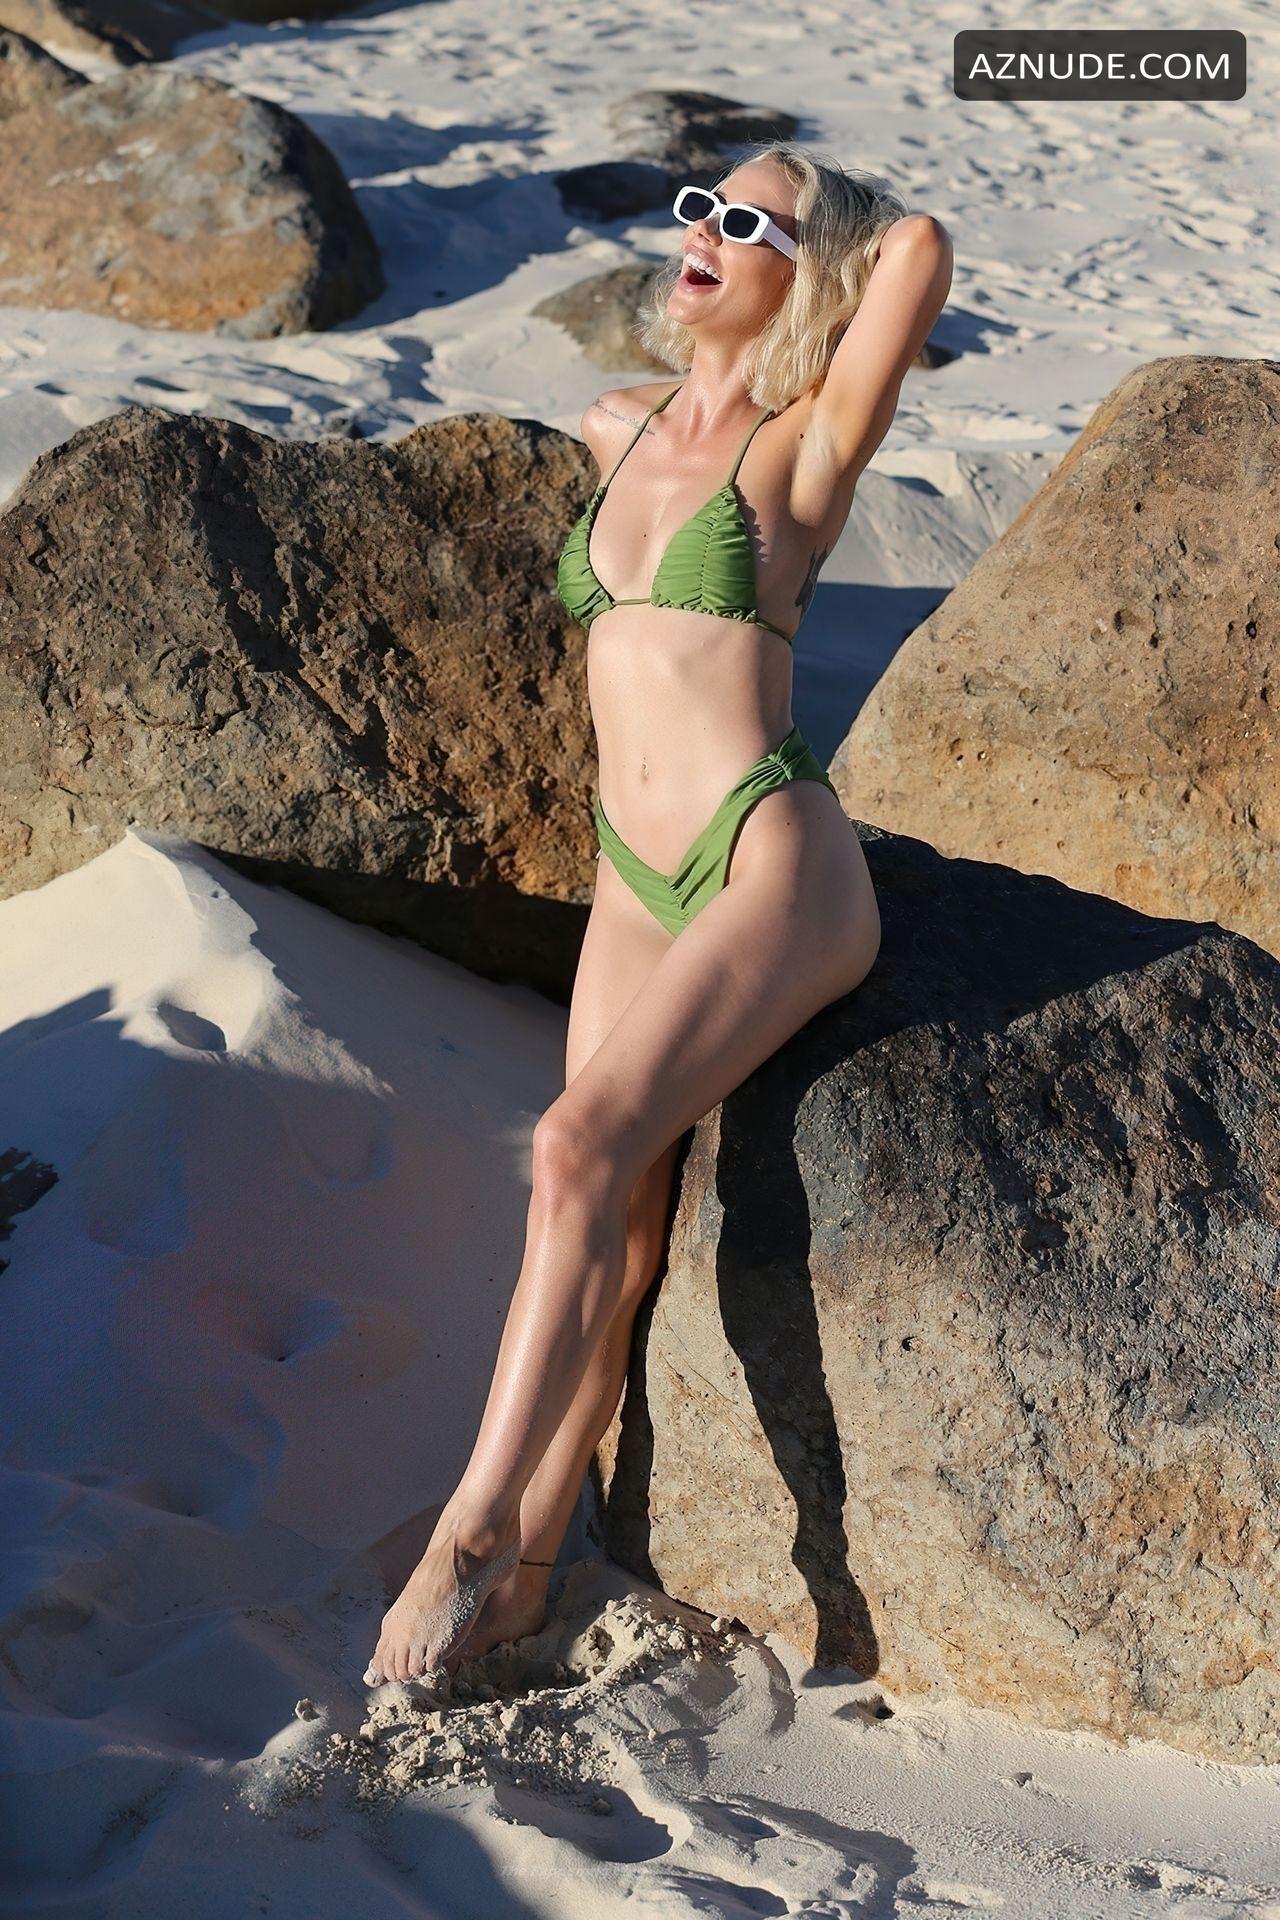 Jessika nackt Power 41 Sexiest